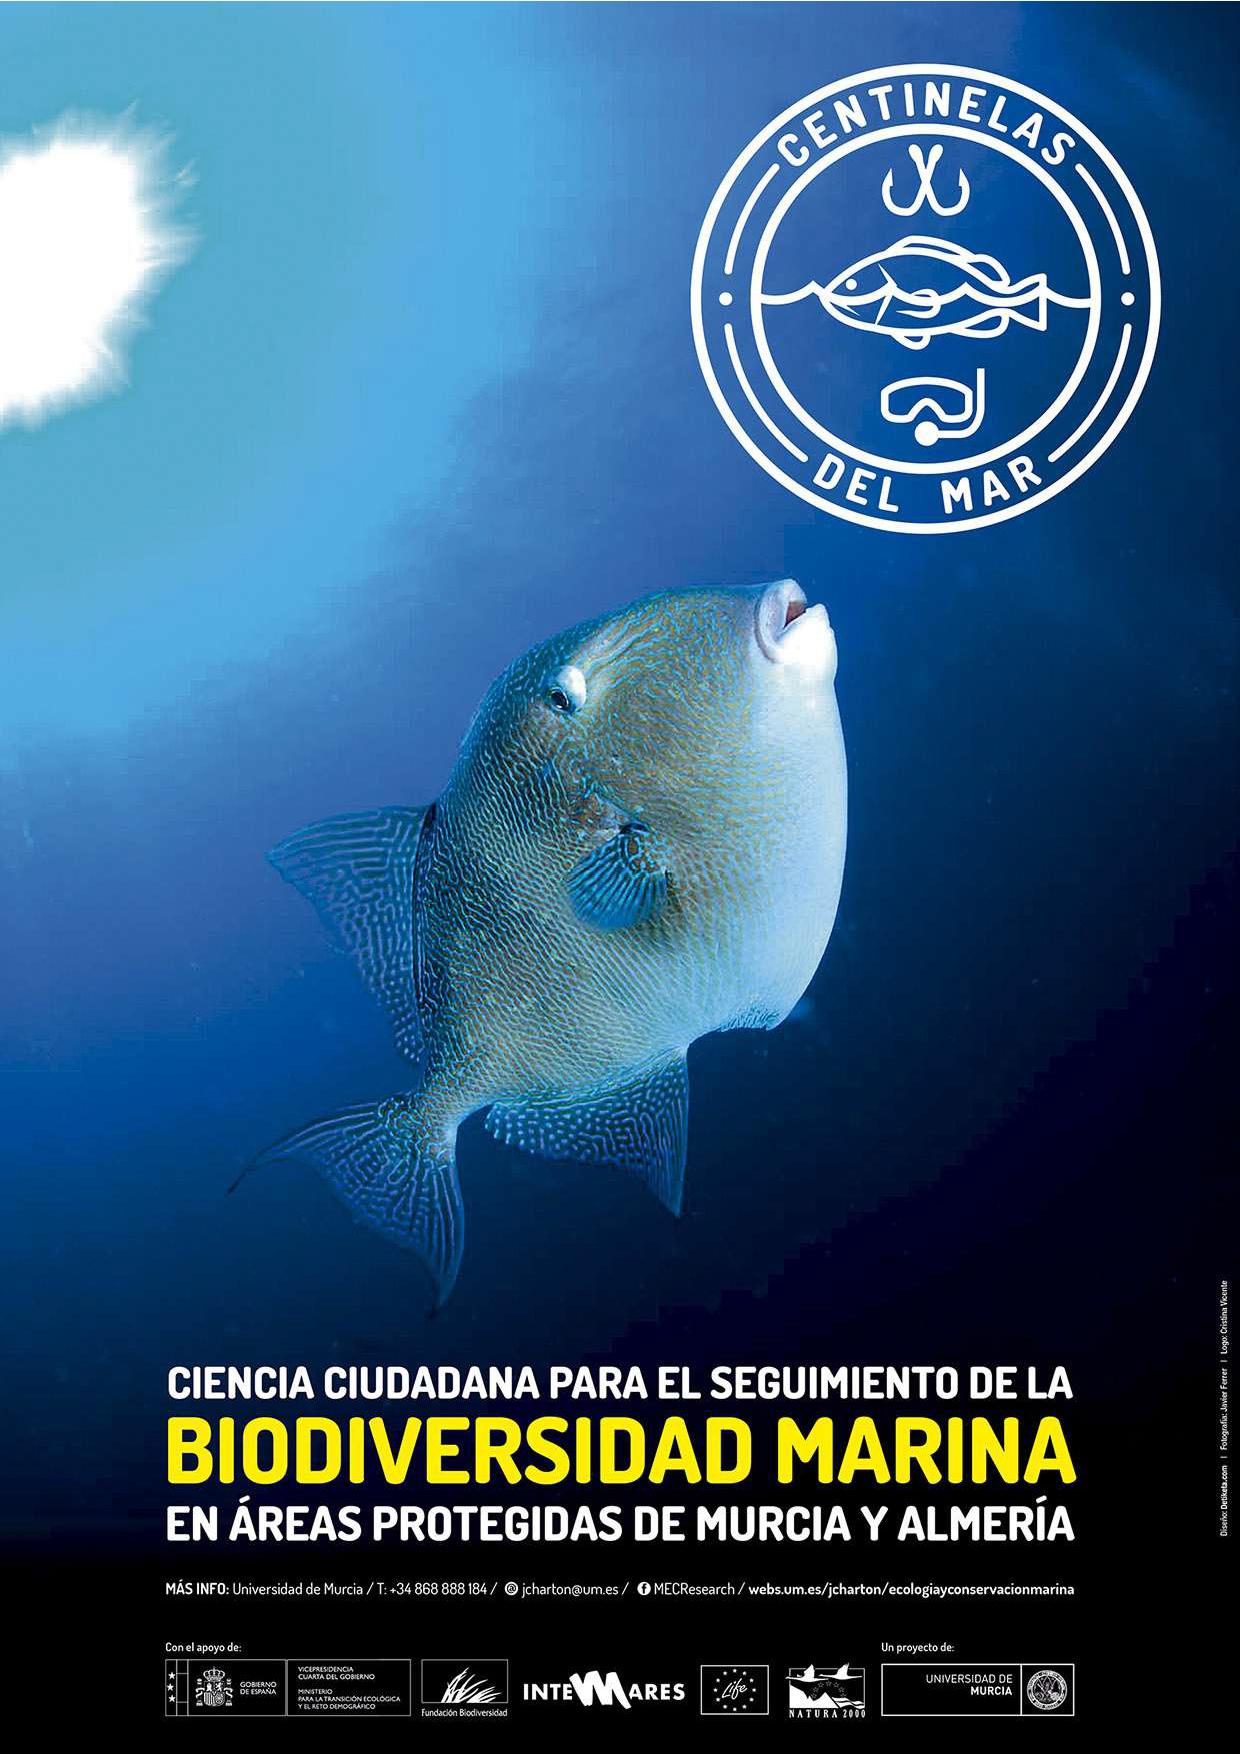 Cartel del proyecto de ciencia ciudadana Centinelas del Mar